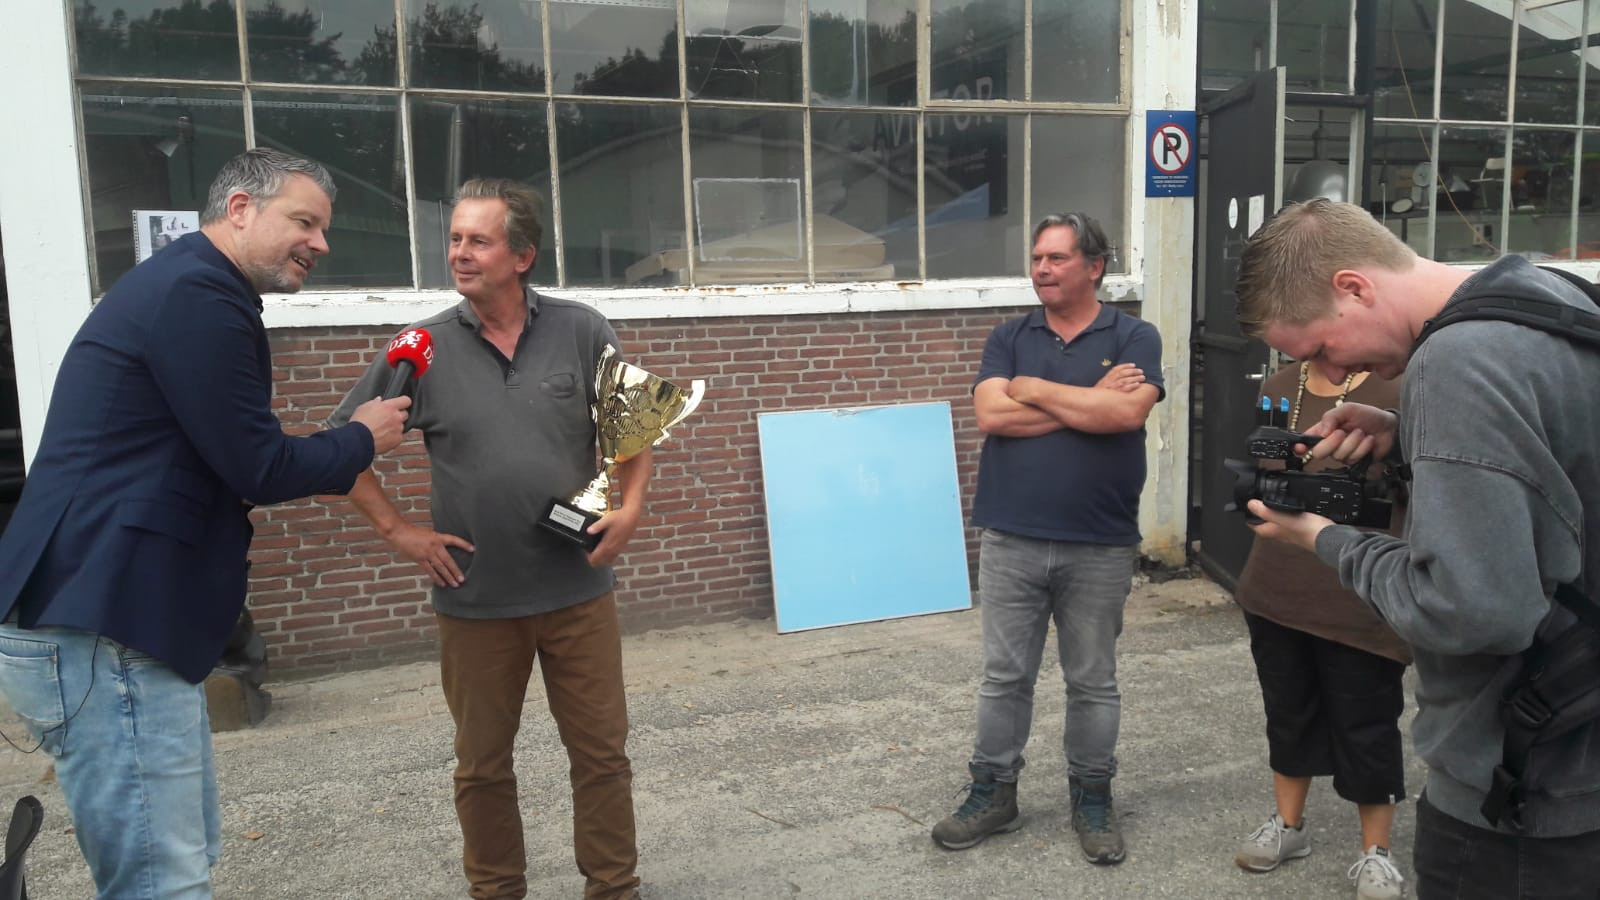 Winnaar van Brabants Lekkerste Bier is White IPA van Bourgogne Kruis uit Oosterhout. De gebroeders Thuring zijn dolgelukkig. Juryvoorzitter Rob Scheepers (links) reikte de prijs uit.